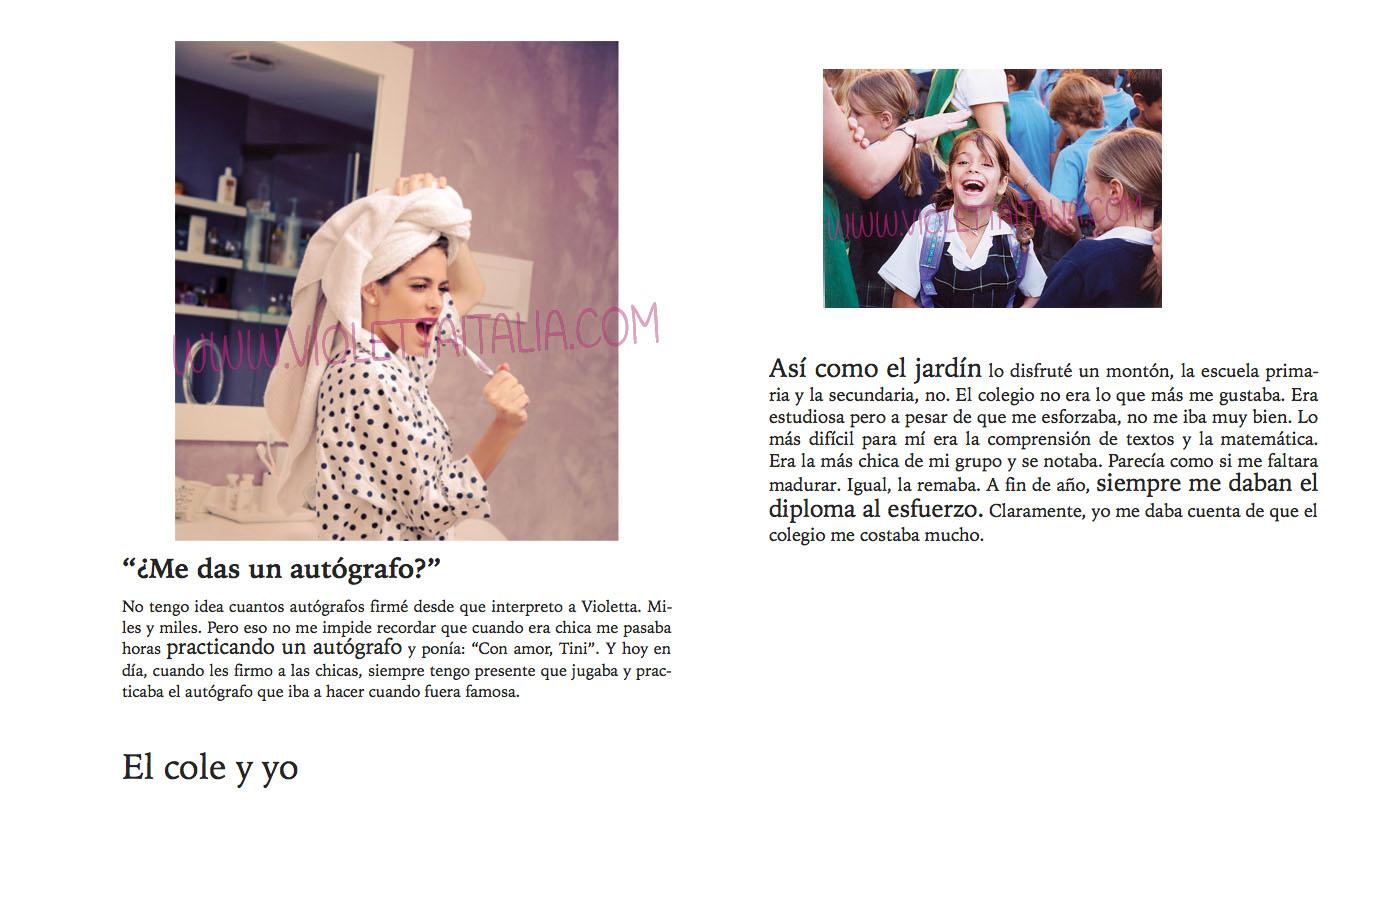 pagina8-9-sito